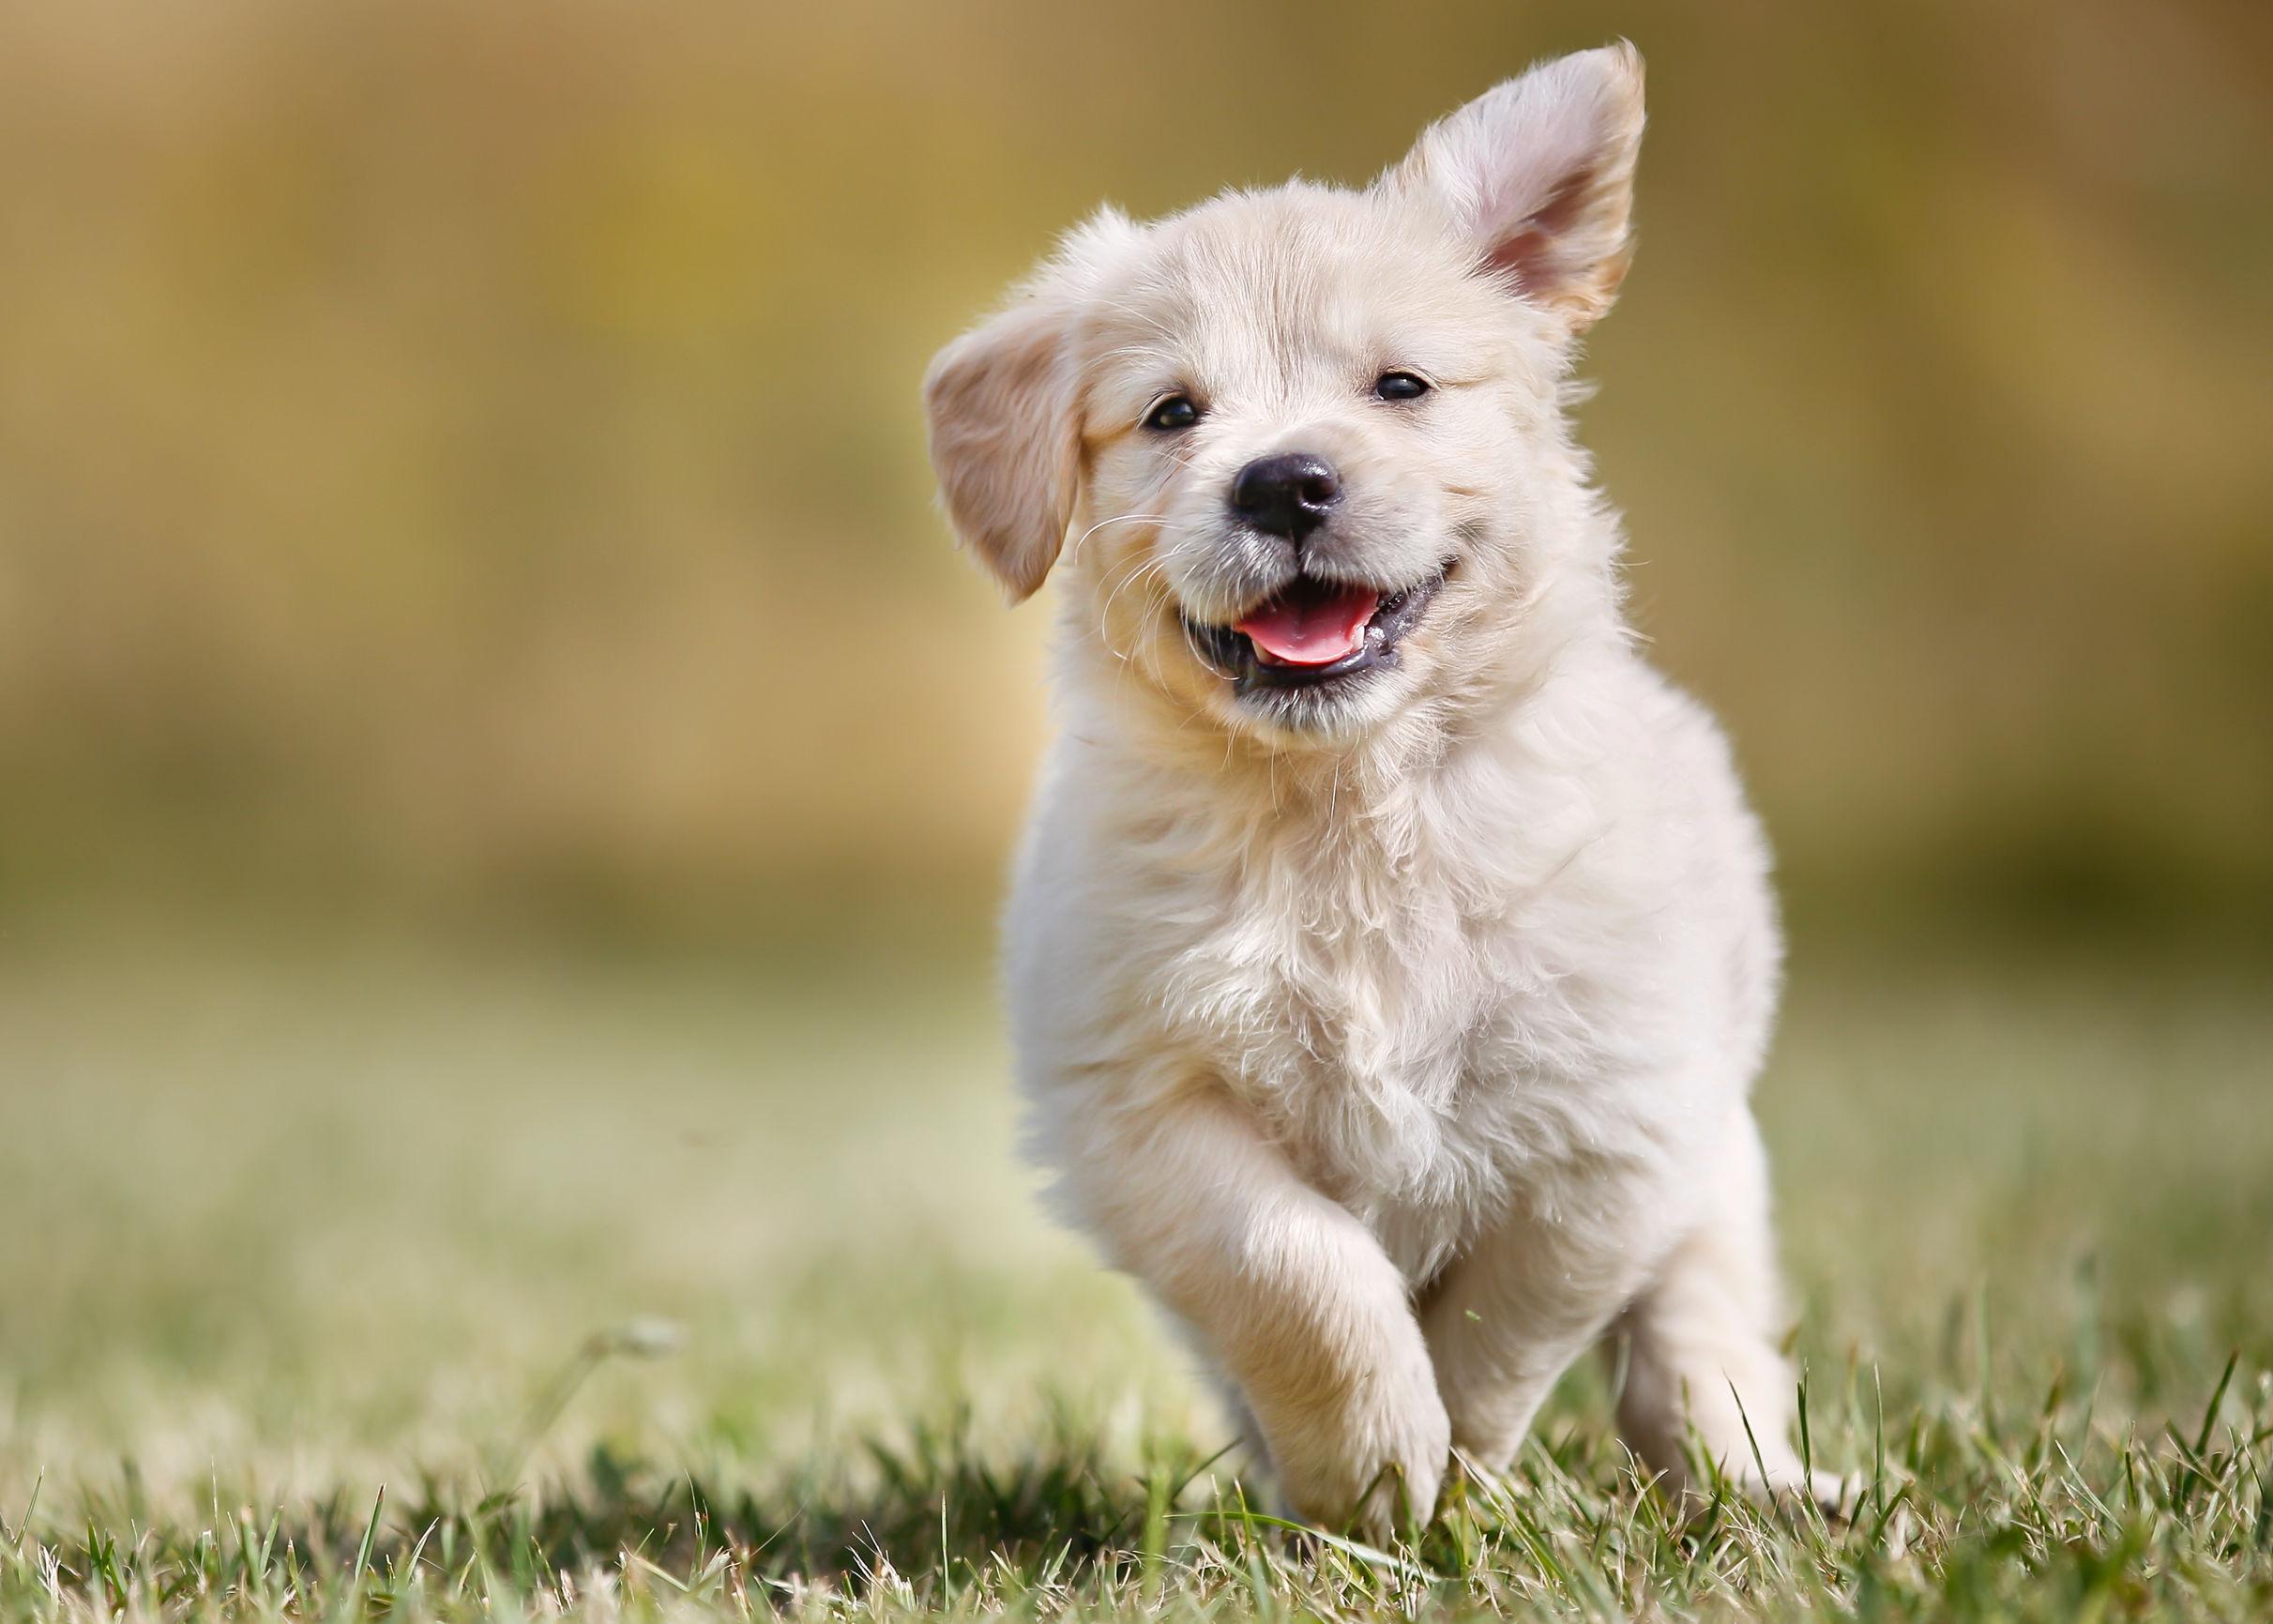 Pastillas para desparasitar perros: ¿Cuál es la mejor del 2020?